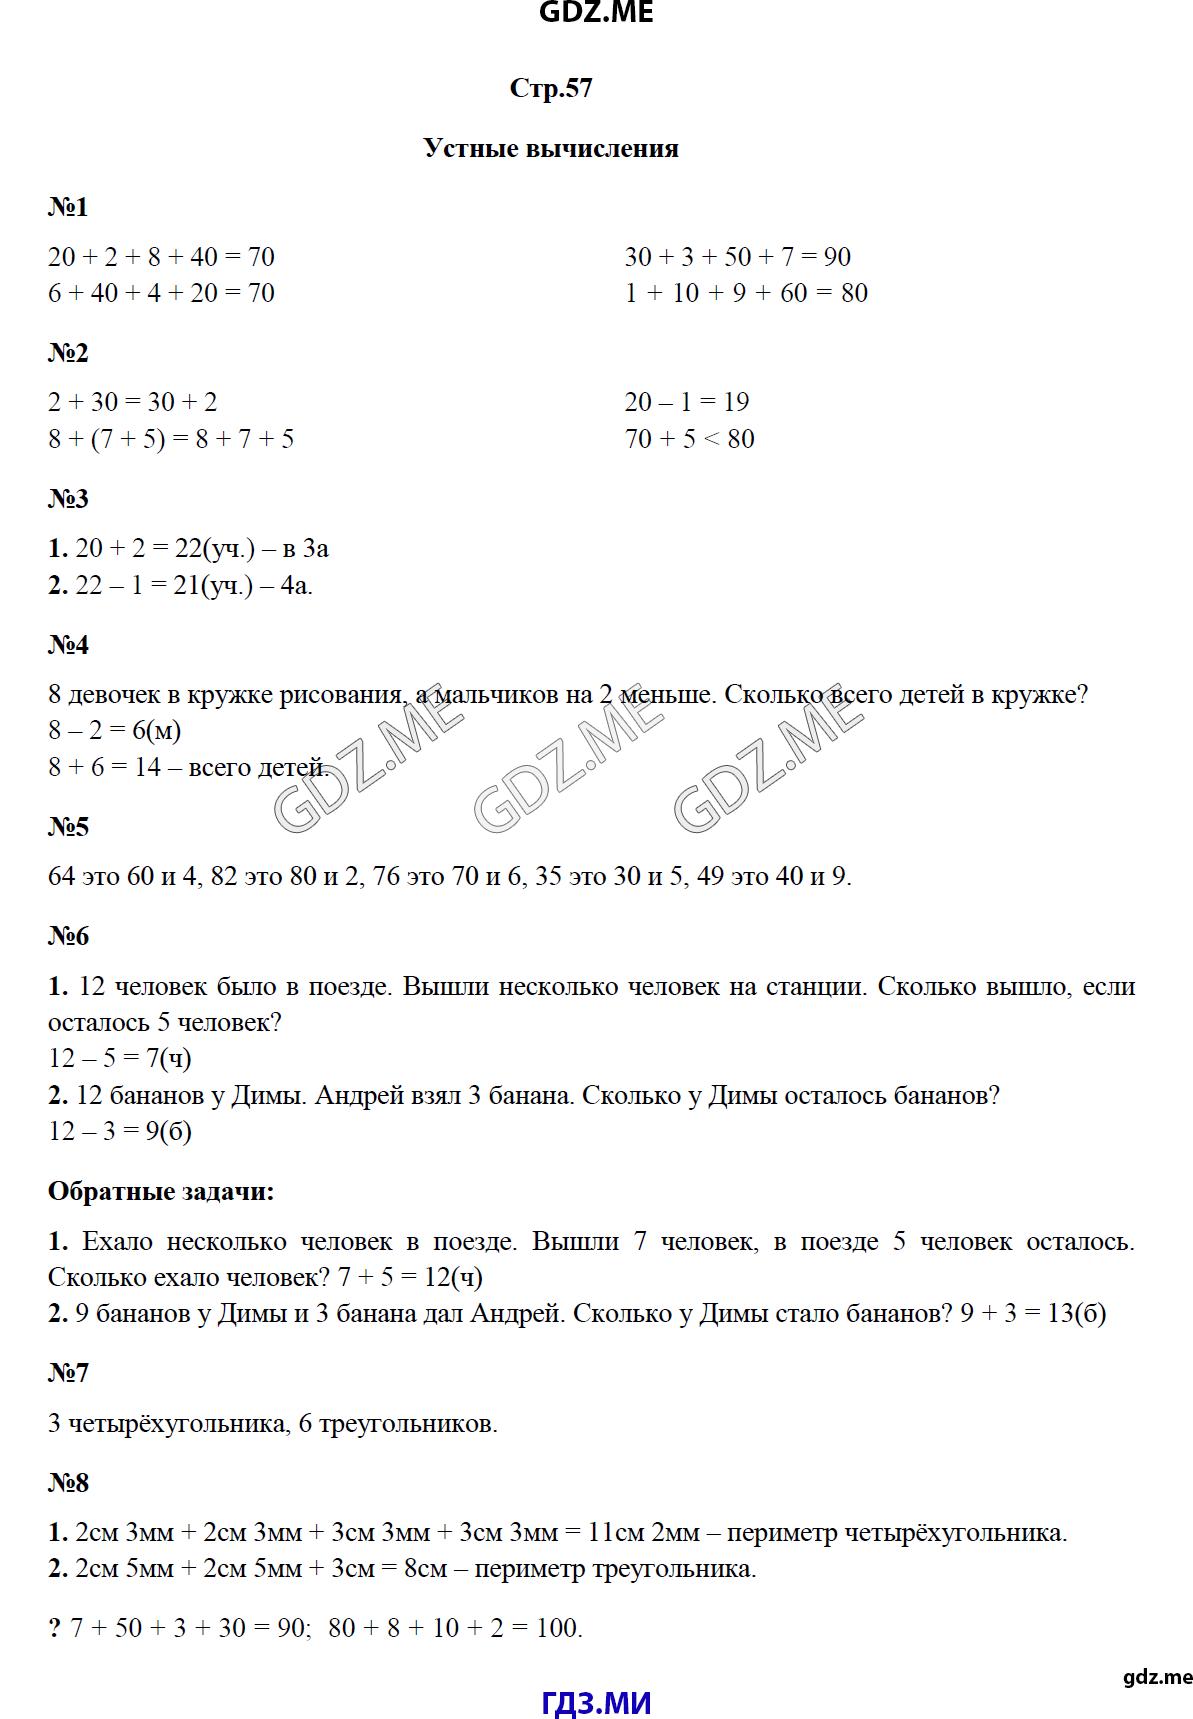 Устные вопросы по математике 10 класс